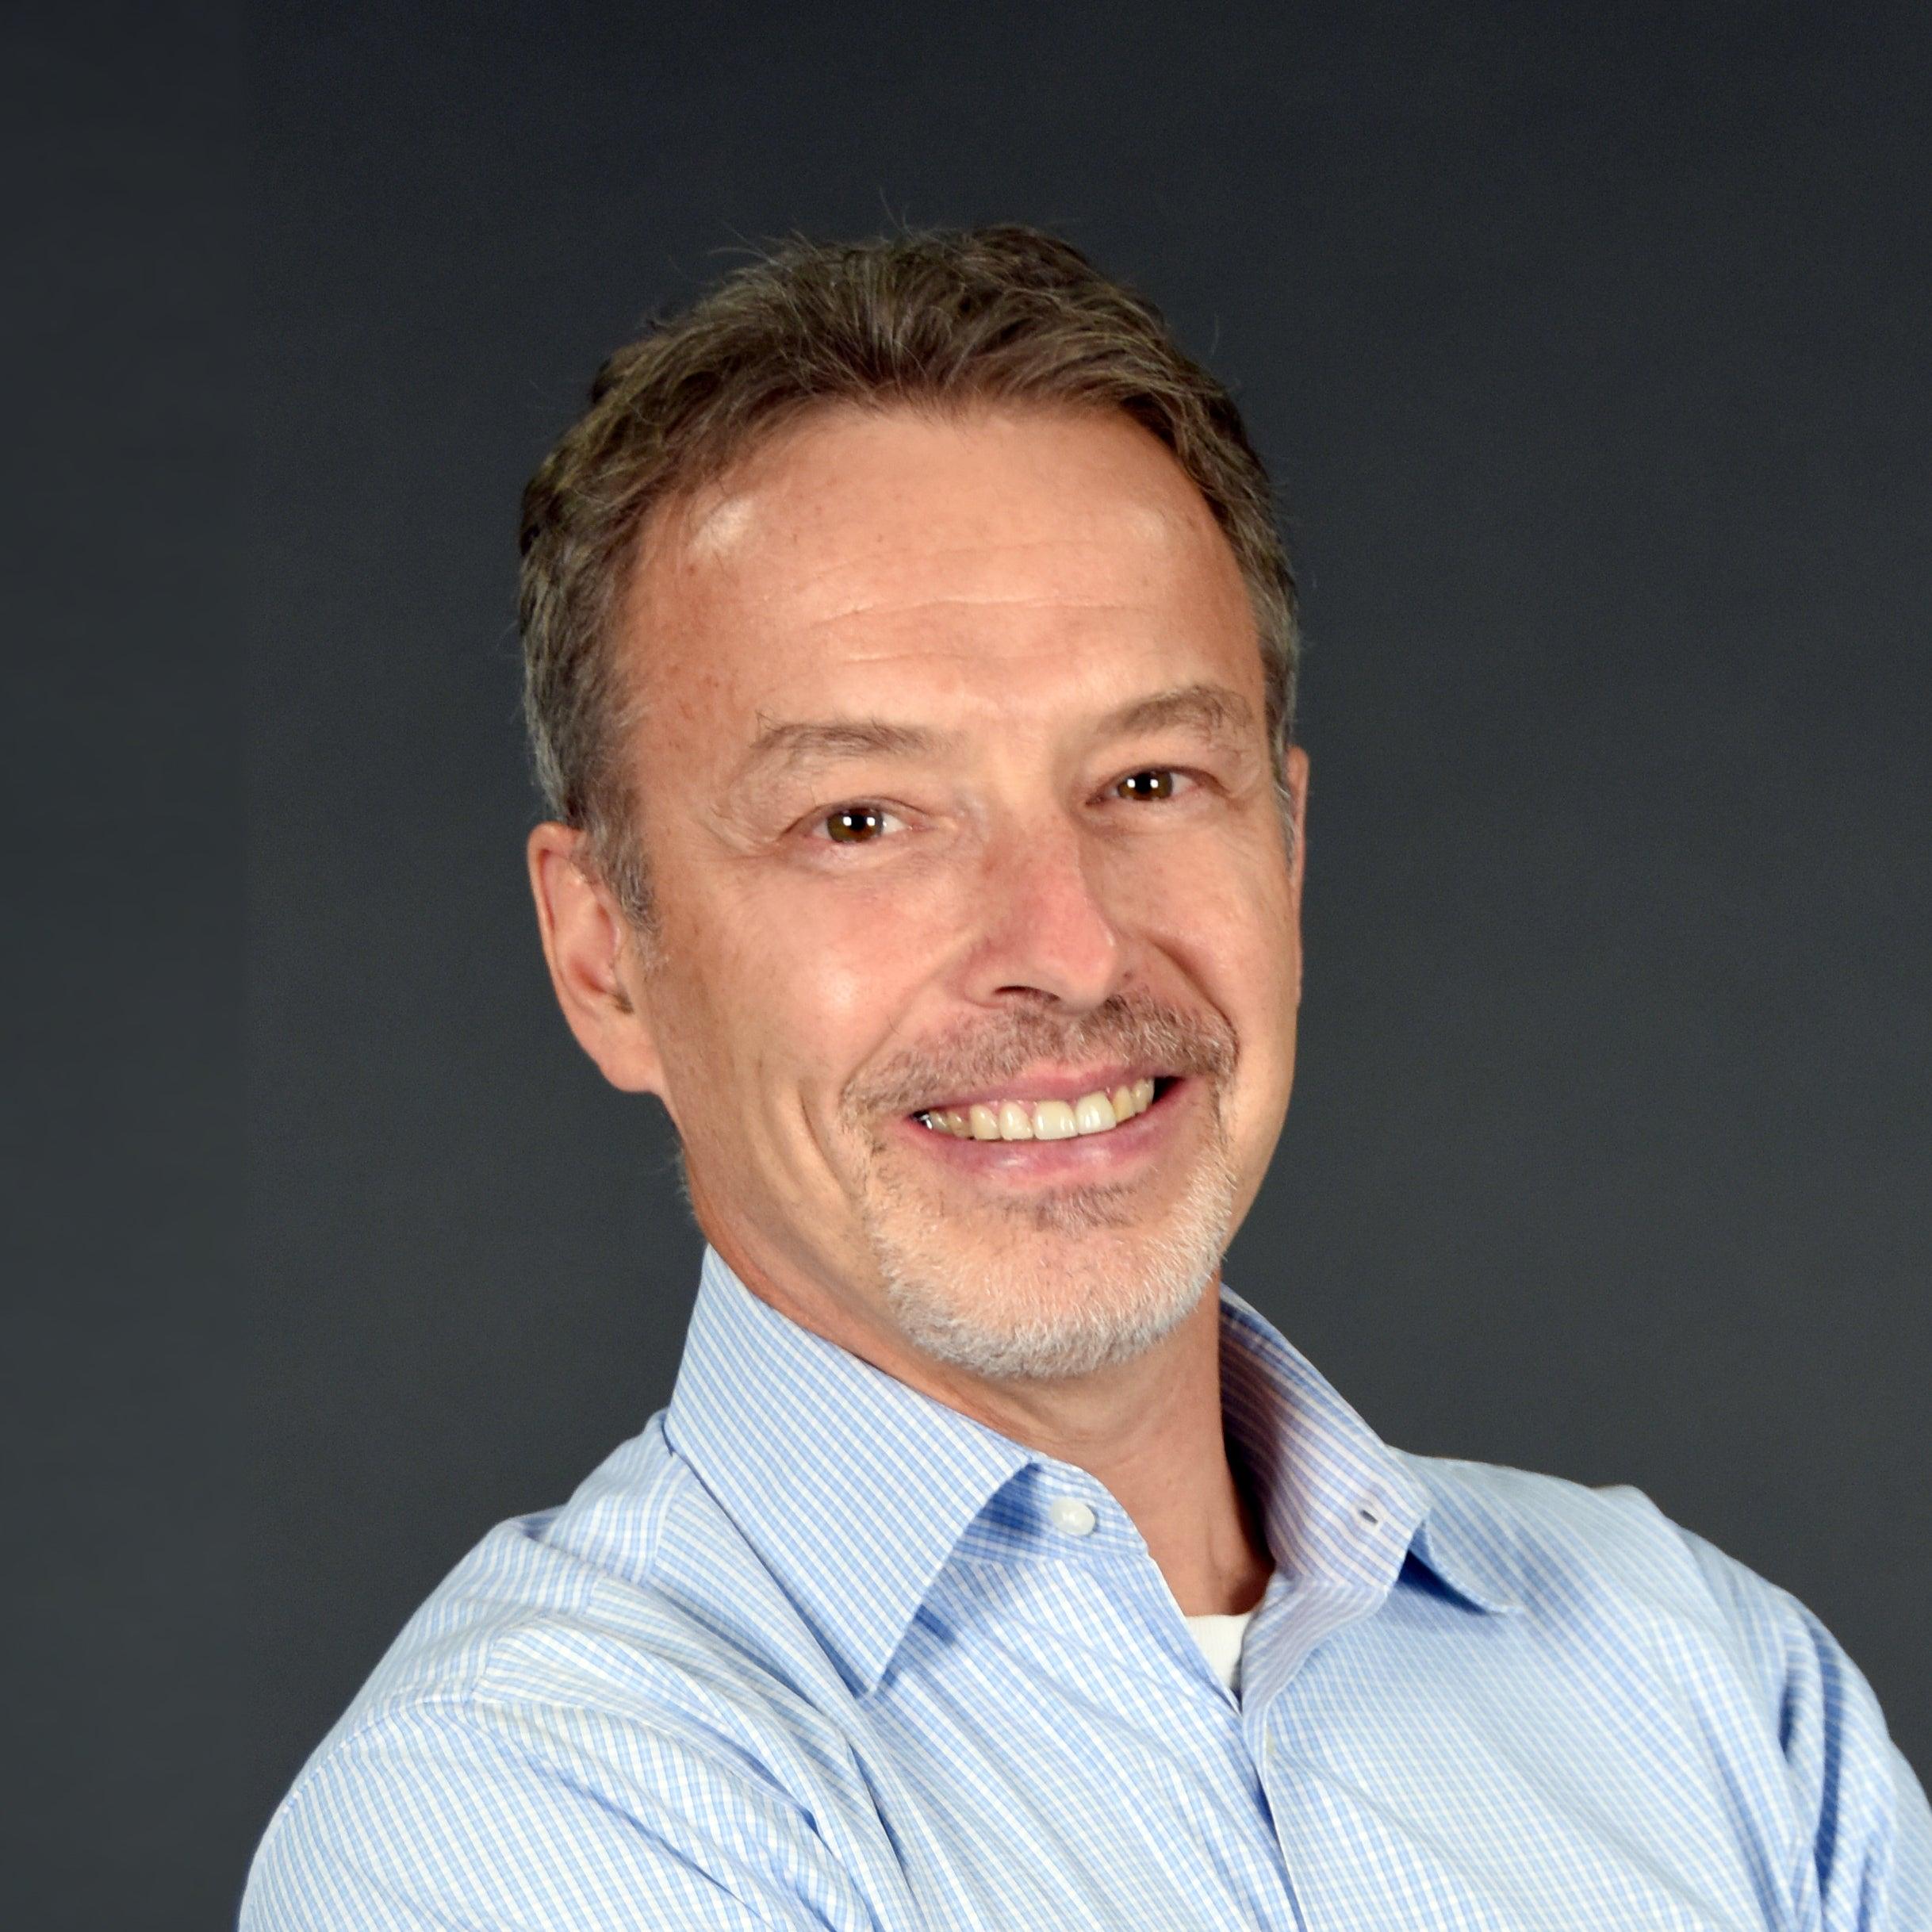 Norbert Schady